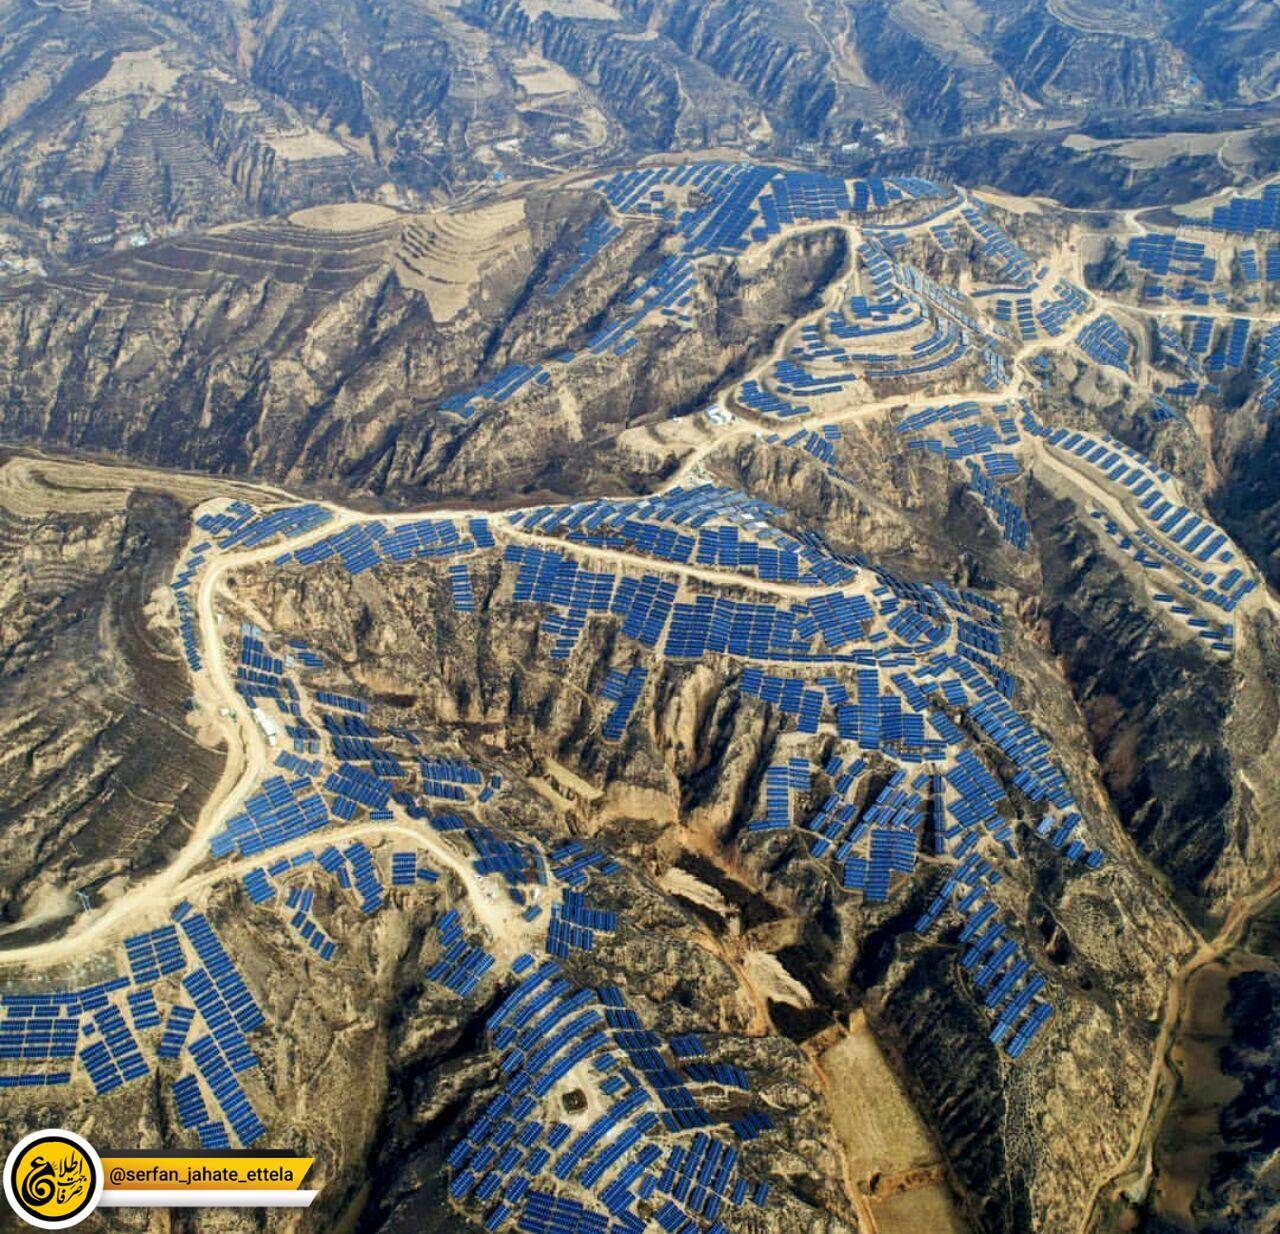 تصویر روز: روستای هائوجیپینگ در چین